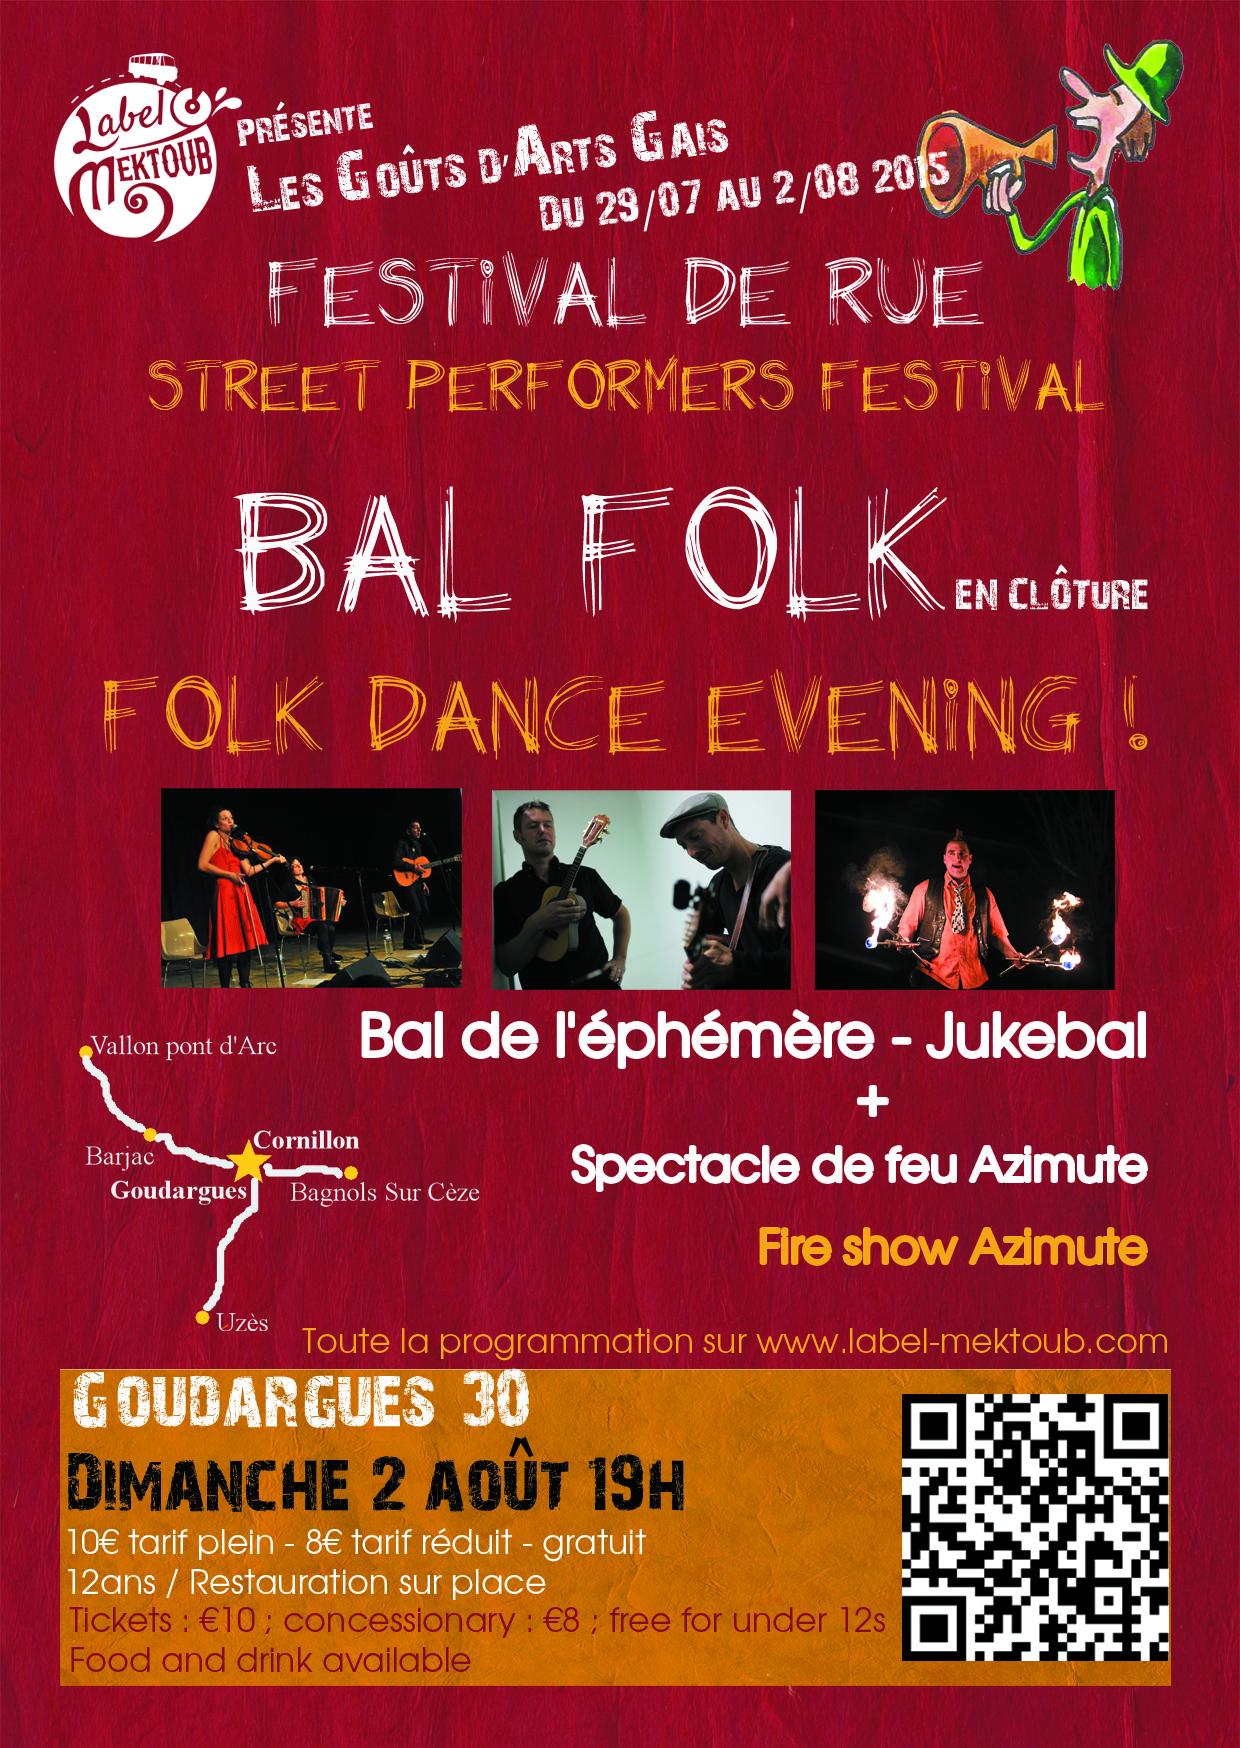 Affiche Bal folk le 2 août à 19h en clôture du festival de rue Les Goûts d'Arts Gais à Goudargues